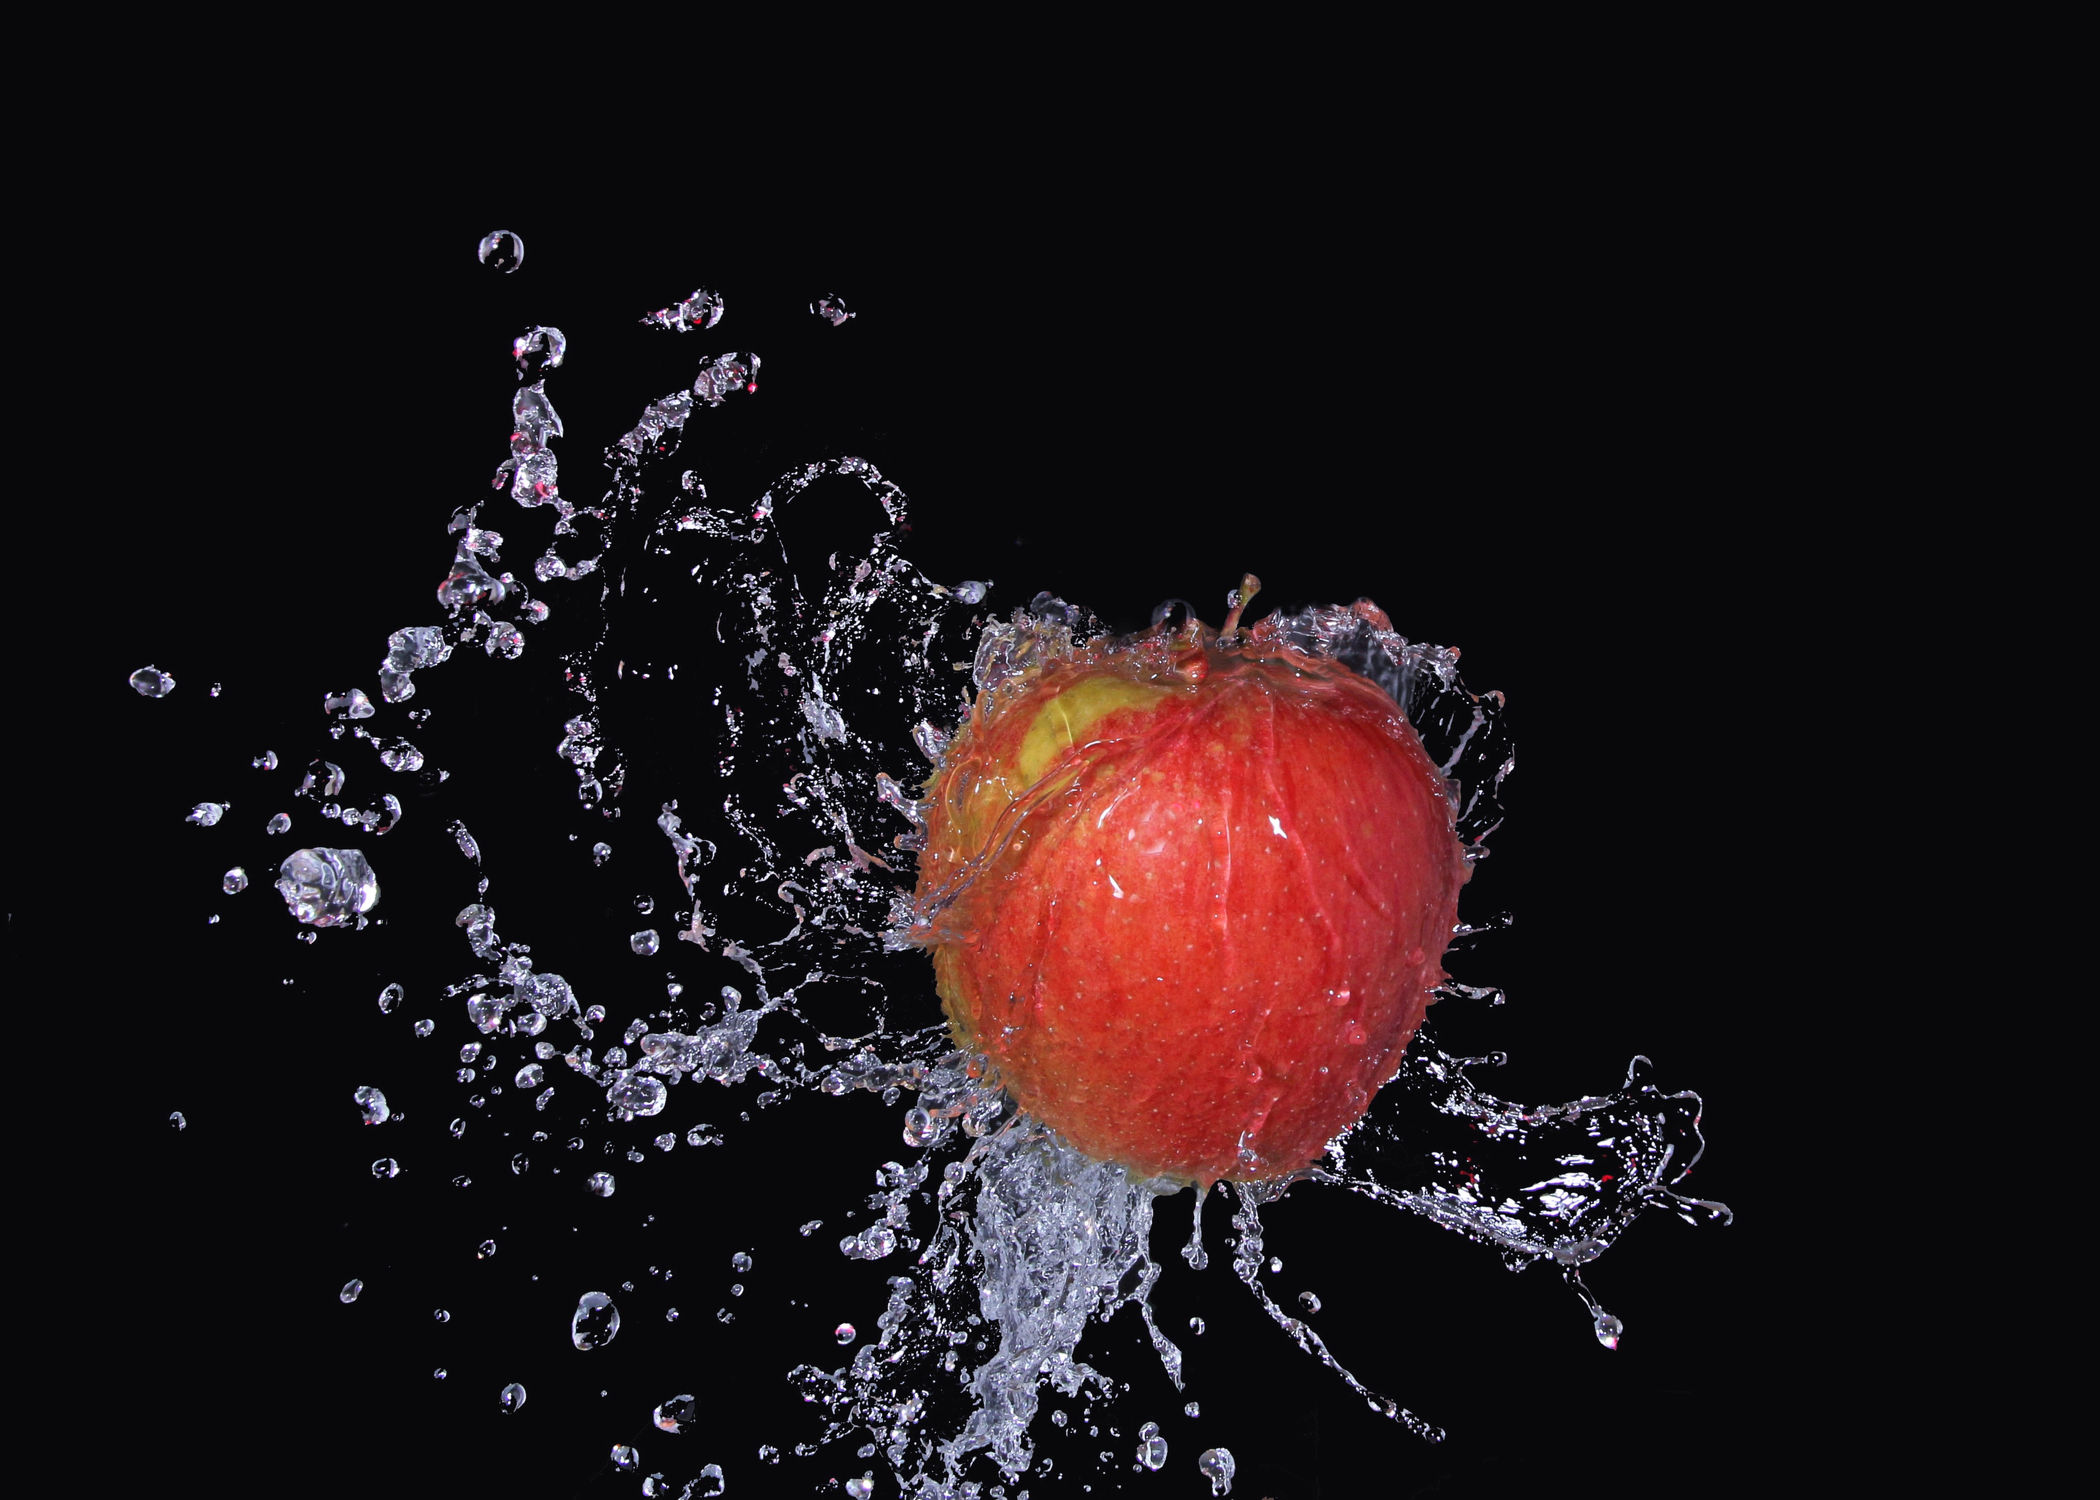 Bild mit Wasser, Früchte, Essen, Frucht, Obst, Küchenbild, Nahrung, Wassertropfen, Apfel, Apfel, Food, Küchenbilder, Ernährung, Küche, Splash